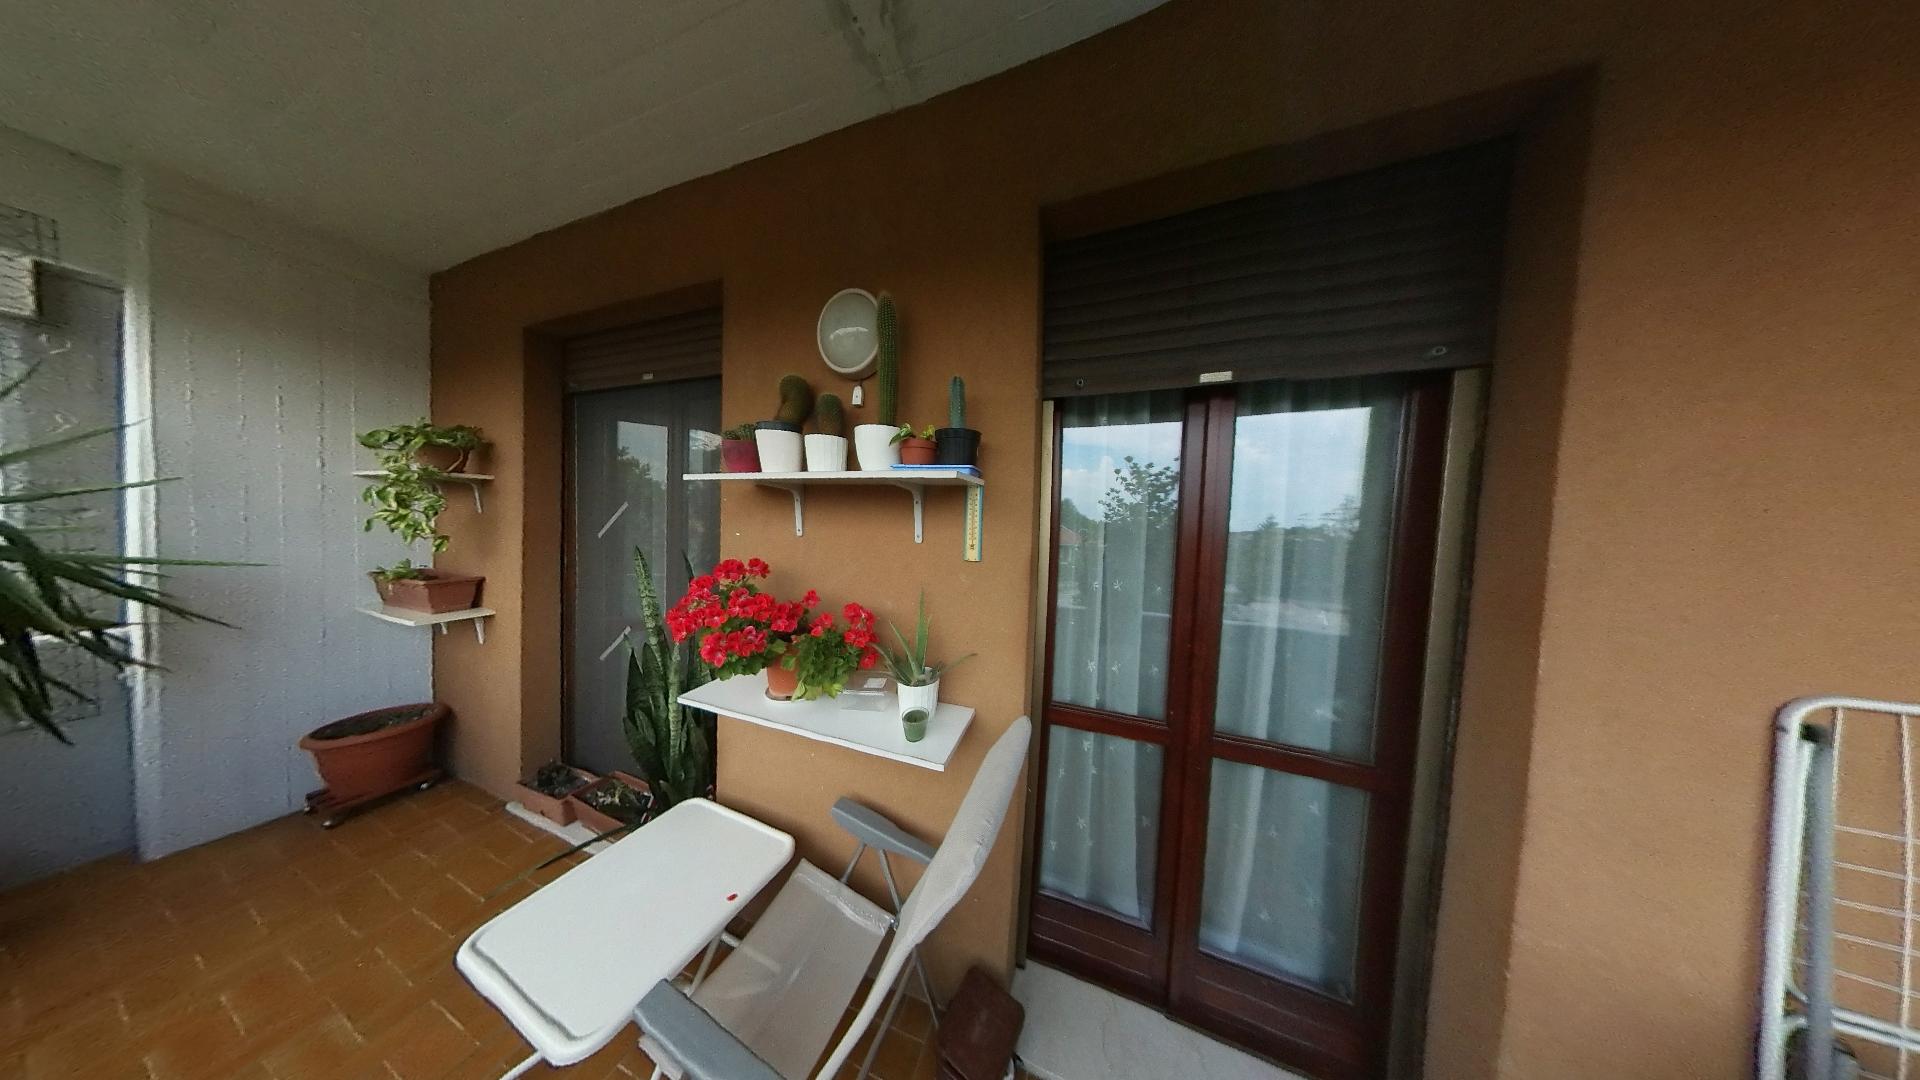 Appartamento con 1 letto a Suzzara